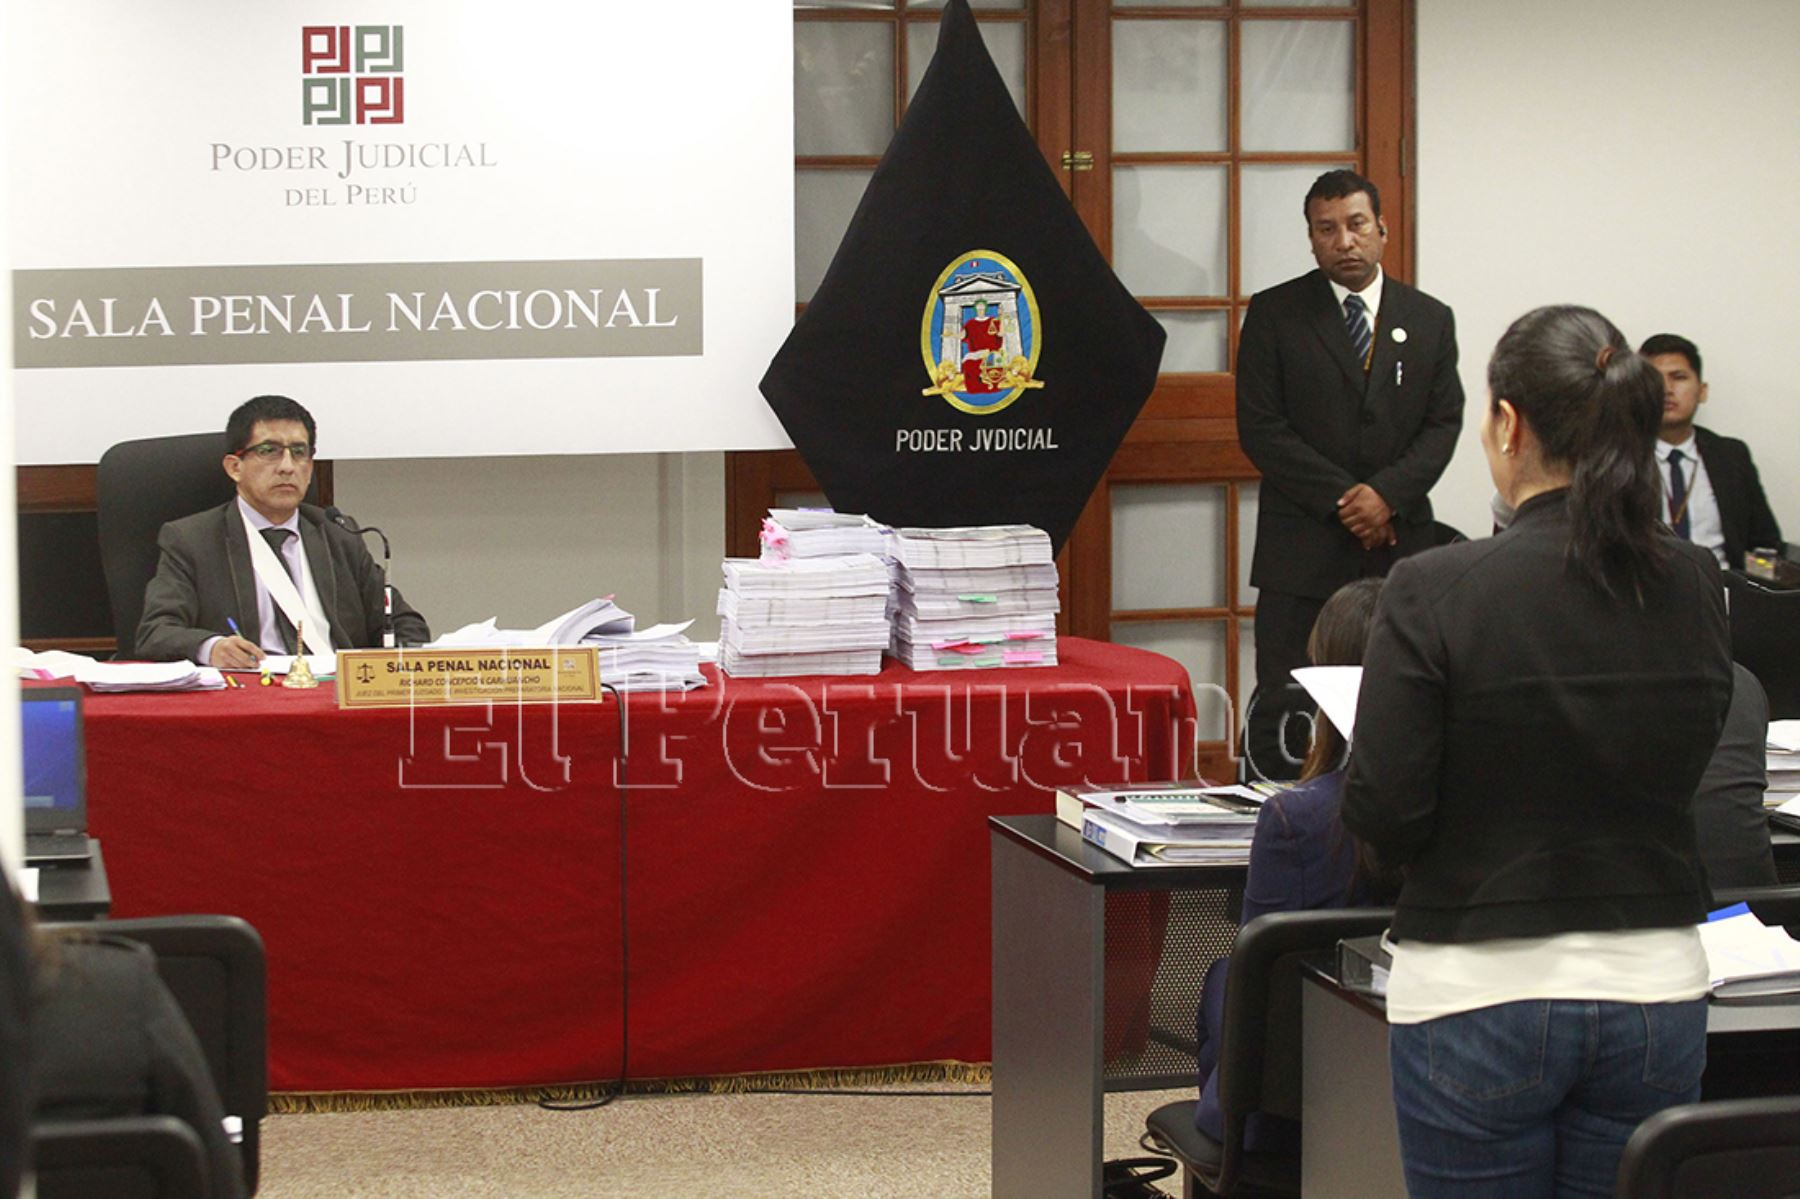 Perú: Keiko es acusada de haber dispuesto una recesión de hasta un millón de dólares de Odebrecht